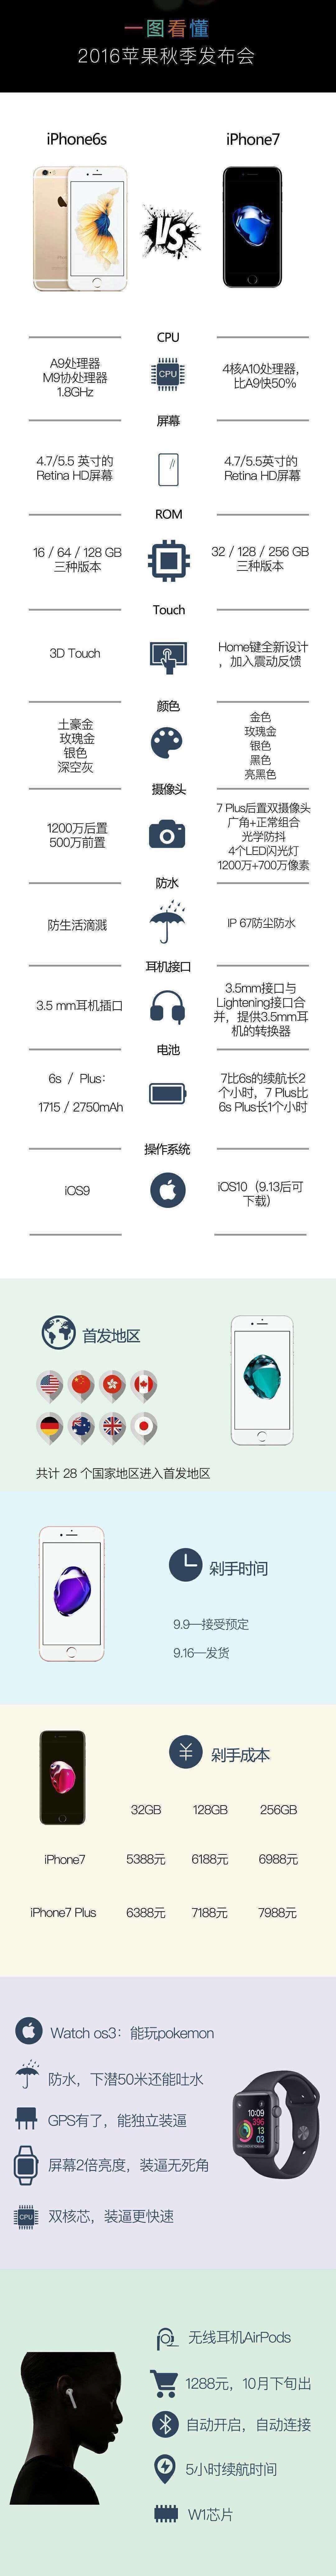 一张图看懂Iphone7-9月16日Iphone7发售 烟台人能第一时间买到